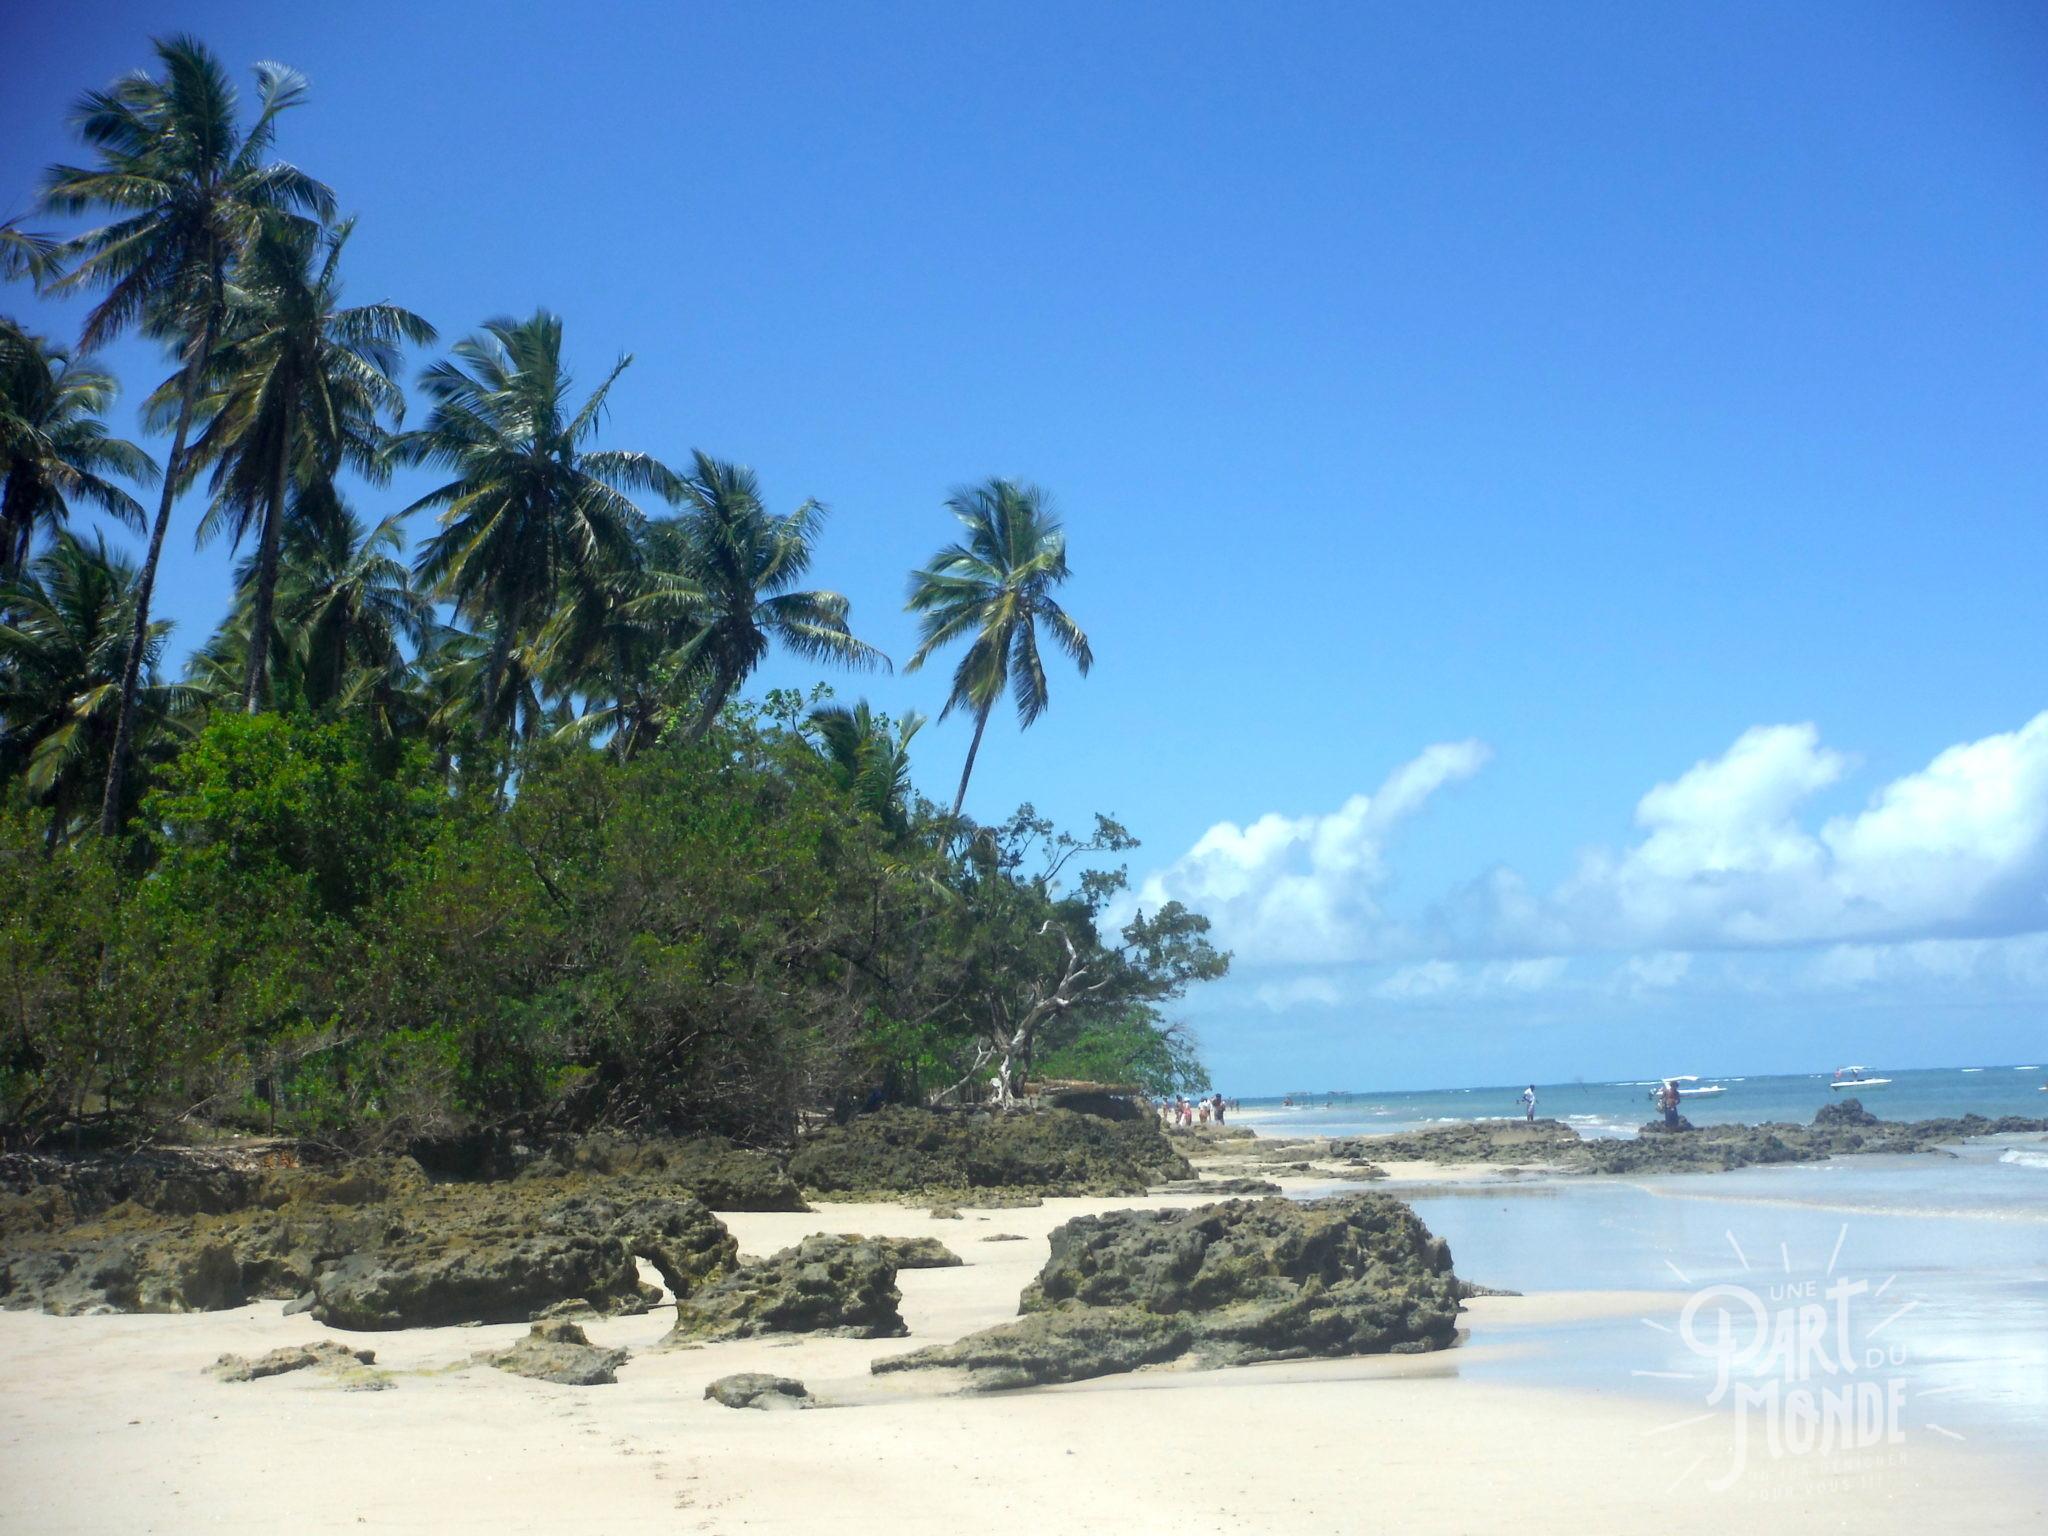 île de tinharé plage boipeba palmier